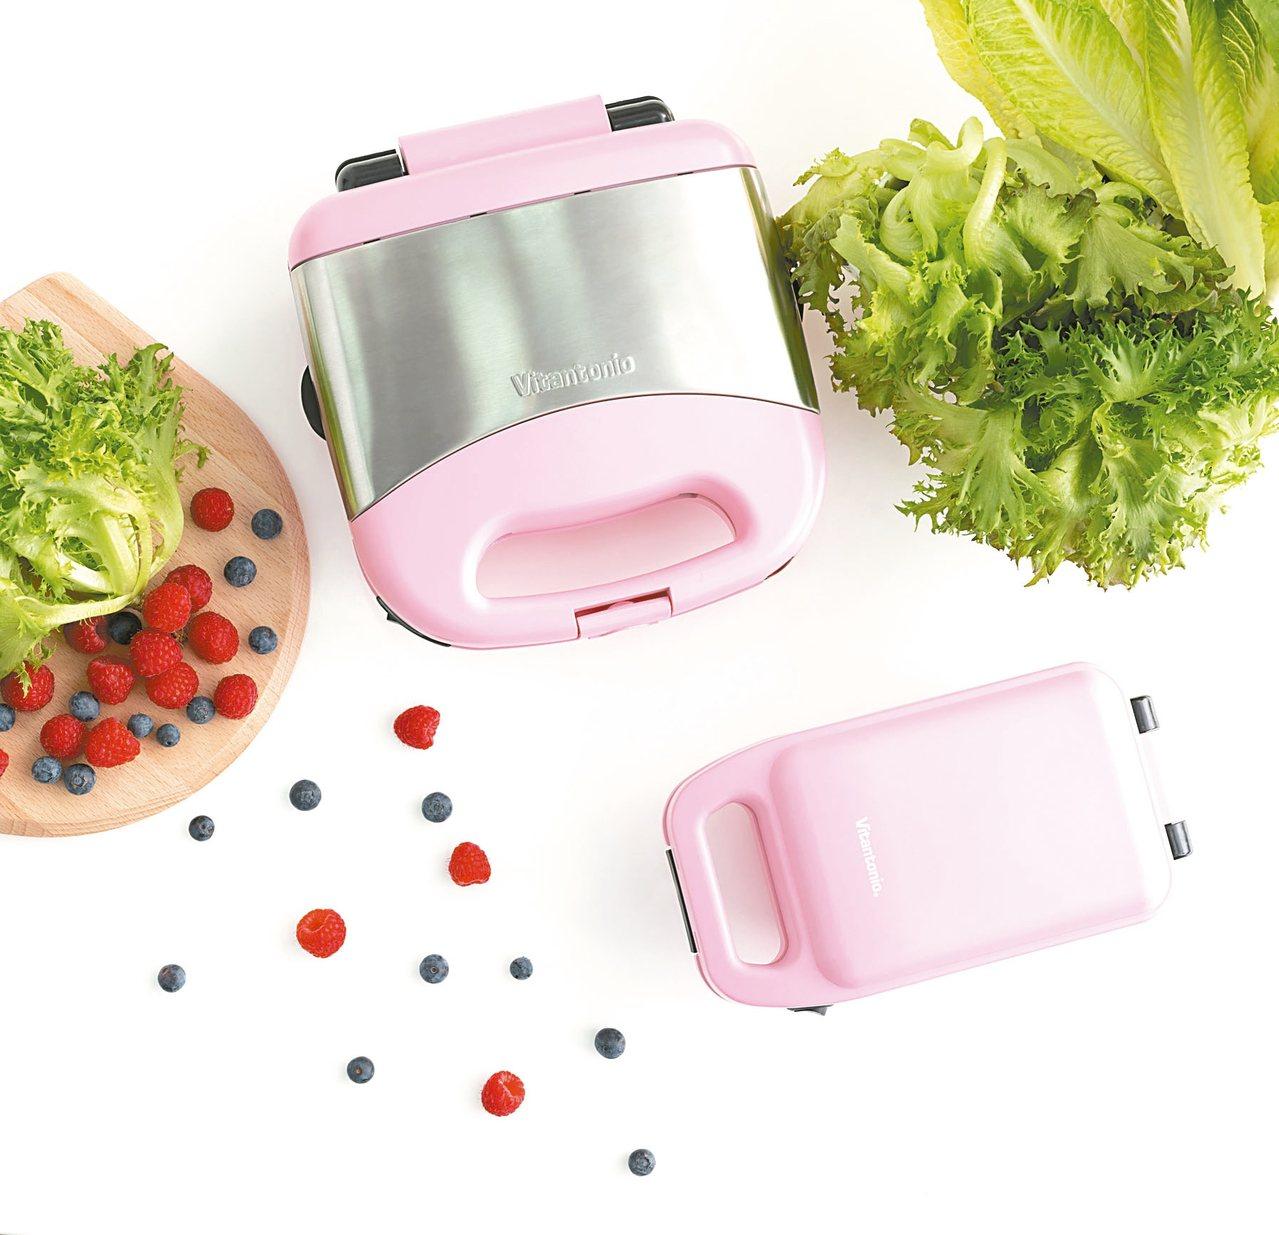 台灣限定粉嫩色系鬆餅熱壓三明治機。 圖/Vitantonio提供